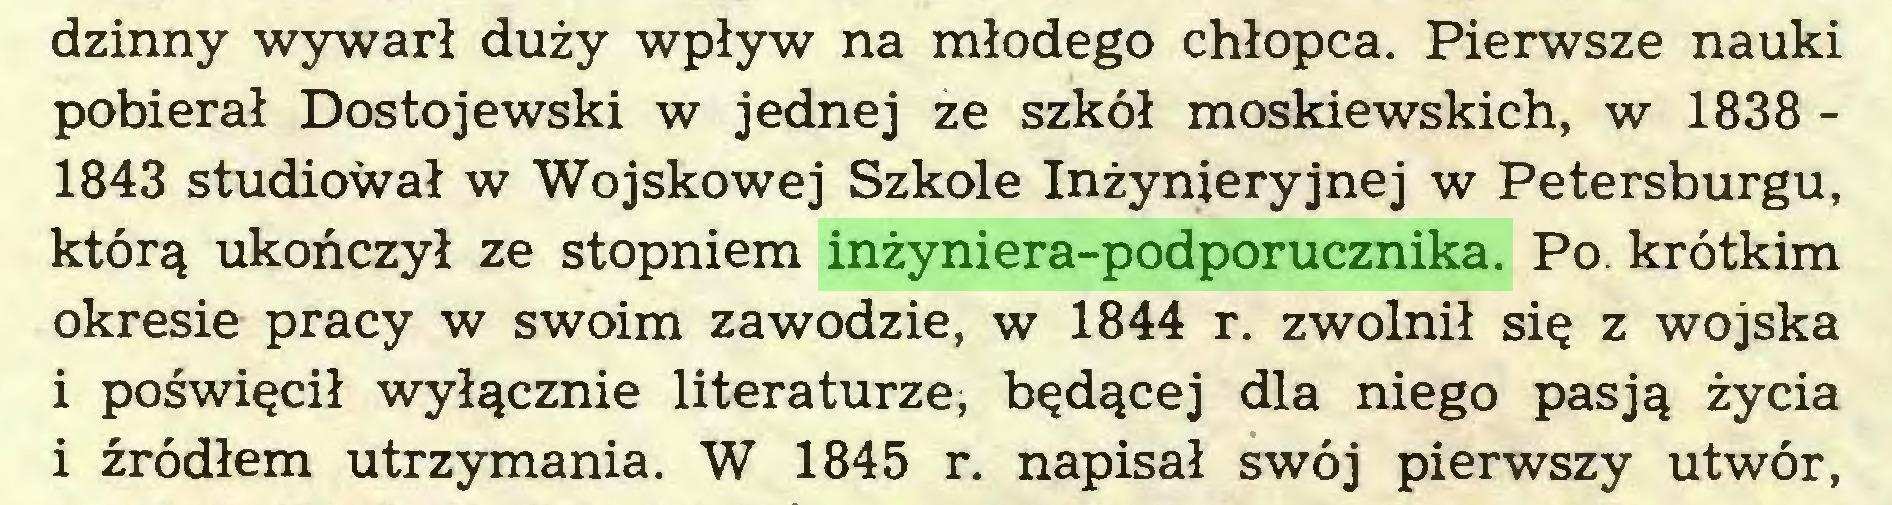 (...) dzinny wywarł duży wpływ na młodego chłopca. Pierwsze nauki pobierał Dostojewski w jednej ze szkół moskiewskich, w 1838 1843 studiował w Wojskowej Szkole Inżynieryjnej w Petersburgu, którą ukończył ze stopniem inżyniera-podporucznika. Po. krótkim okresie pracy w swoim zawodzie, w 1844 r. zwolnił się z wojska i poświęcił wyłącznie literaturze, będącej dla niego pasją życia i źródłem utrzymania. W 1845 r. napisał swój pierwszy utwór,...